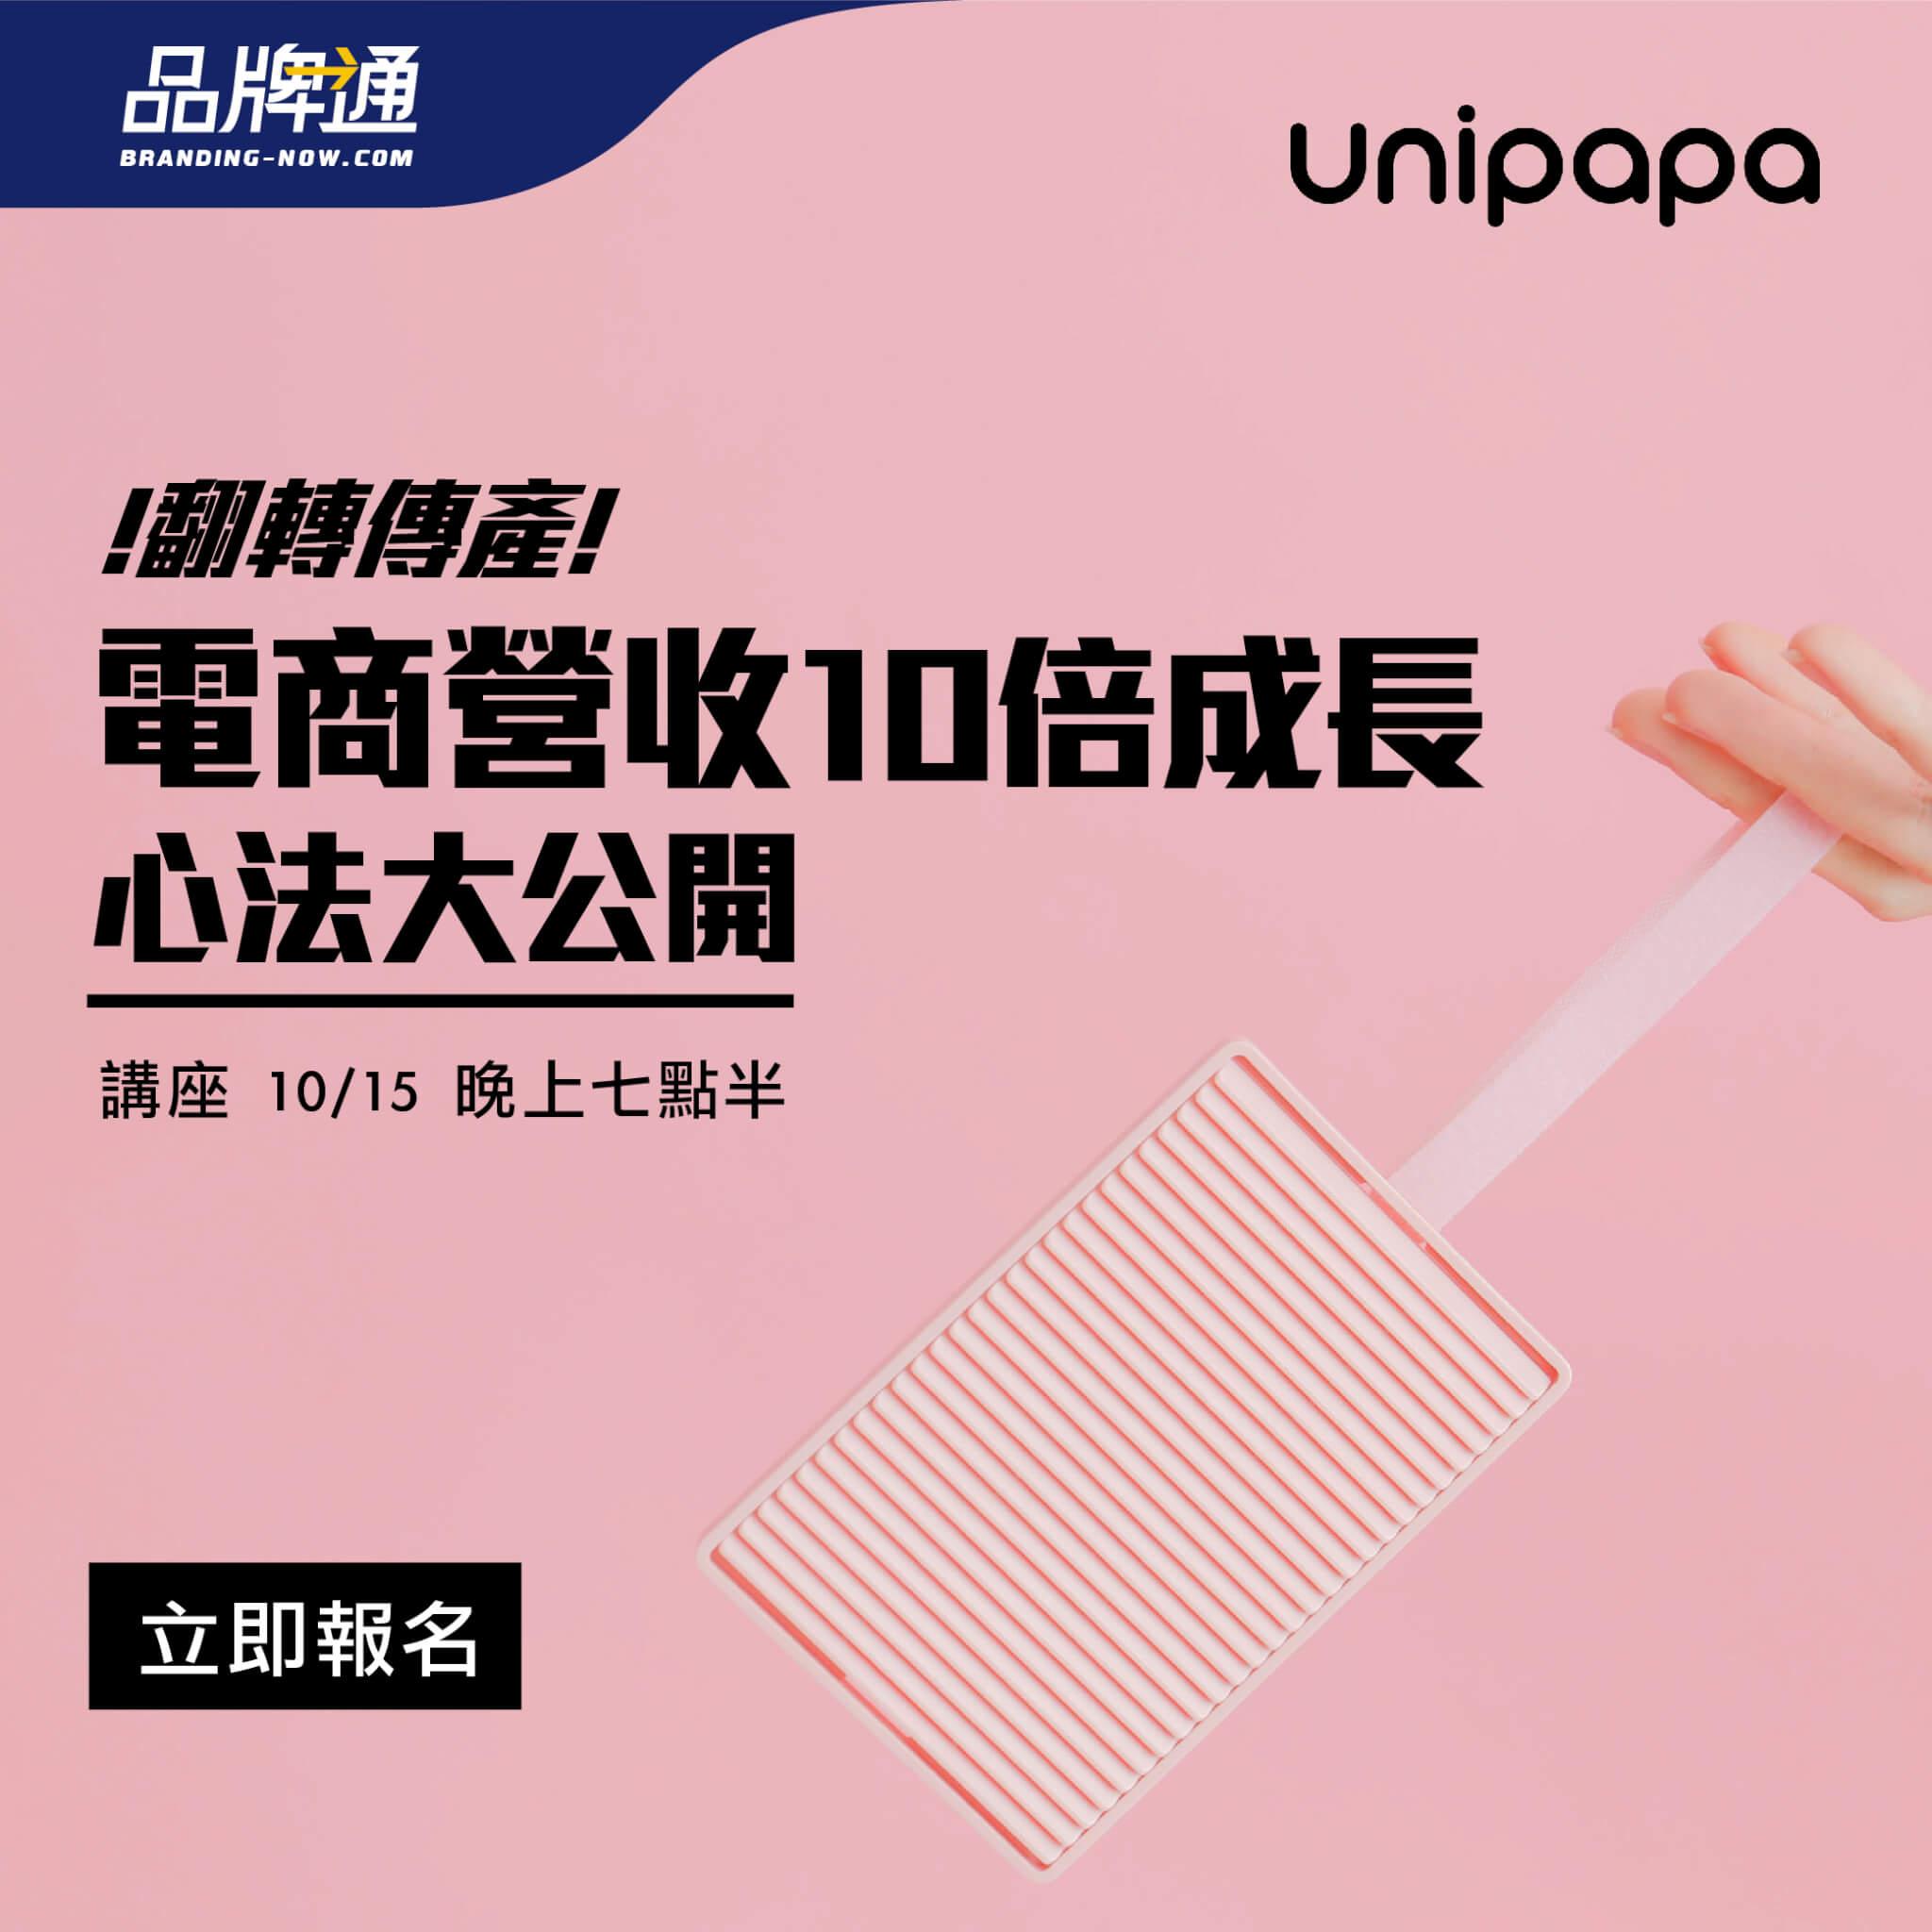 Unipapa